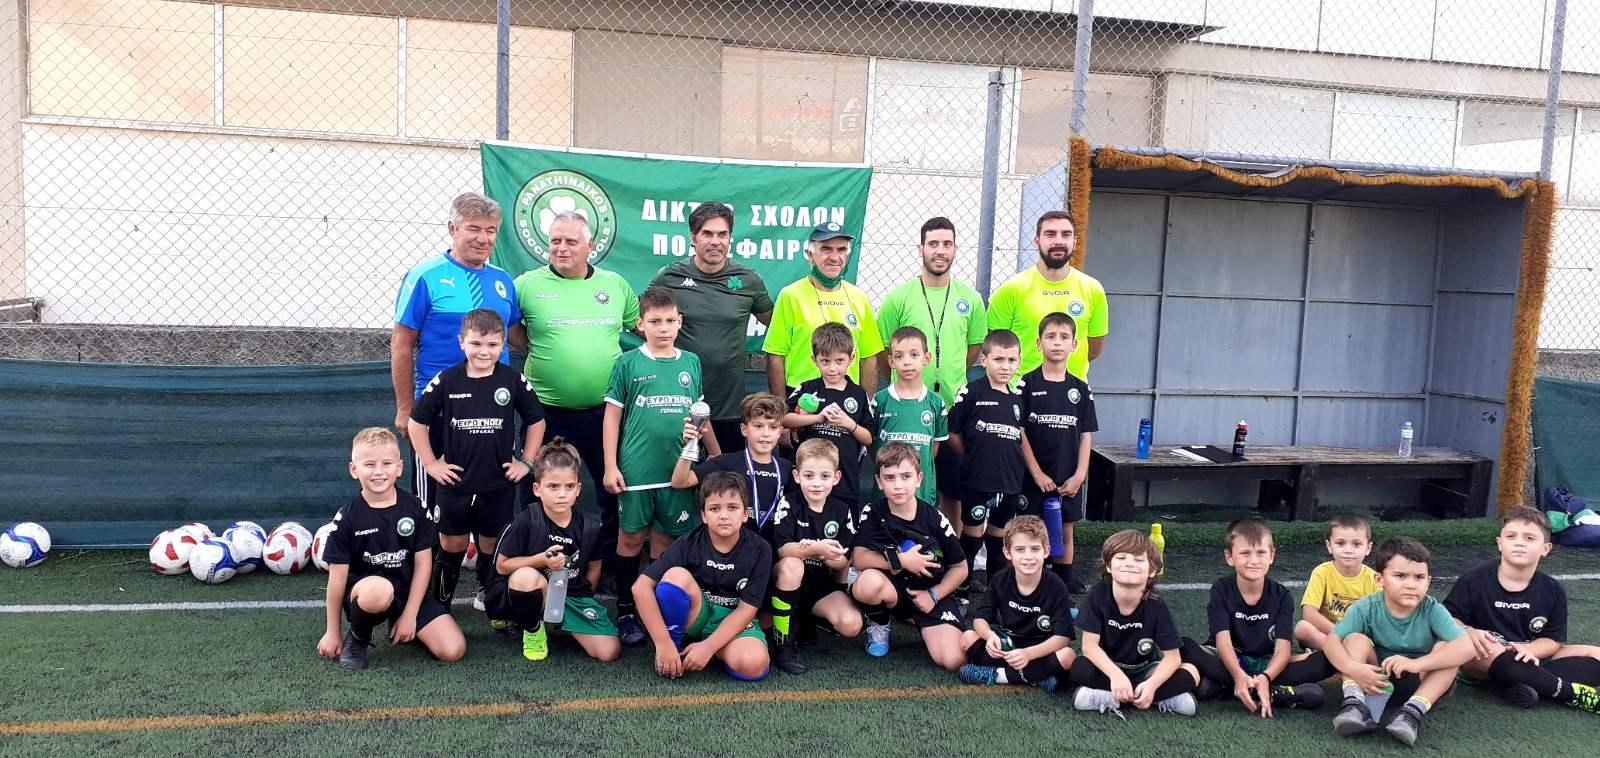 Σχολές ποδοσφαίρου Παναθηναϊκού ( ΠΑΟ Γέρακα)